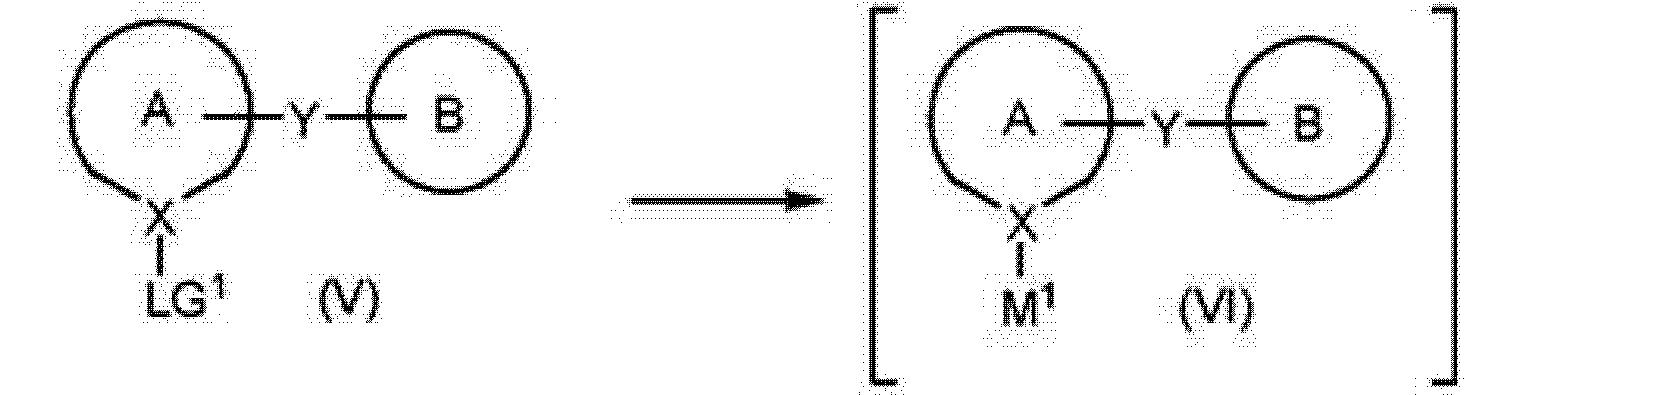 Figure CN103596944AC00022